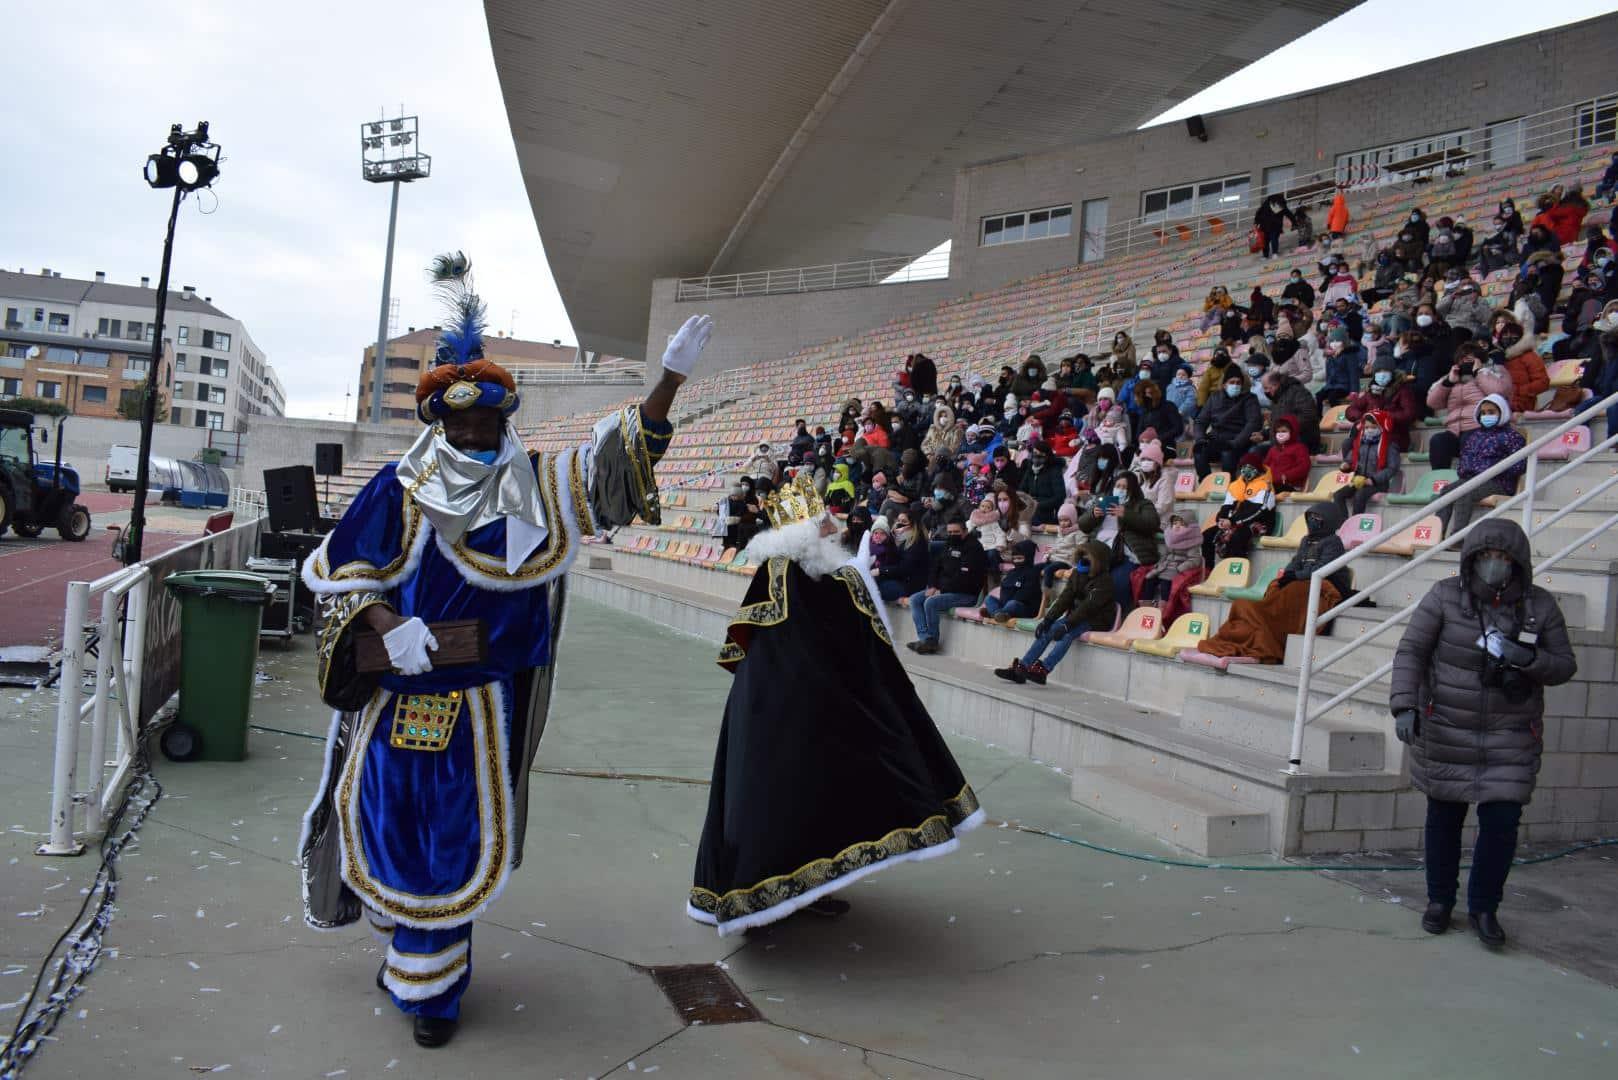 FOTOS: La magia de los Reyes Magos llega a Haro 11